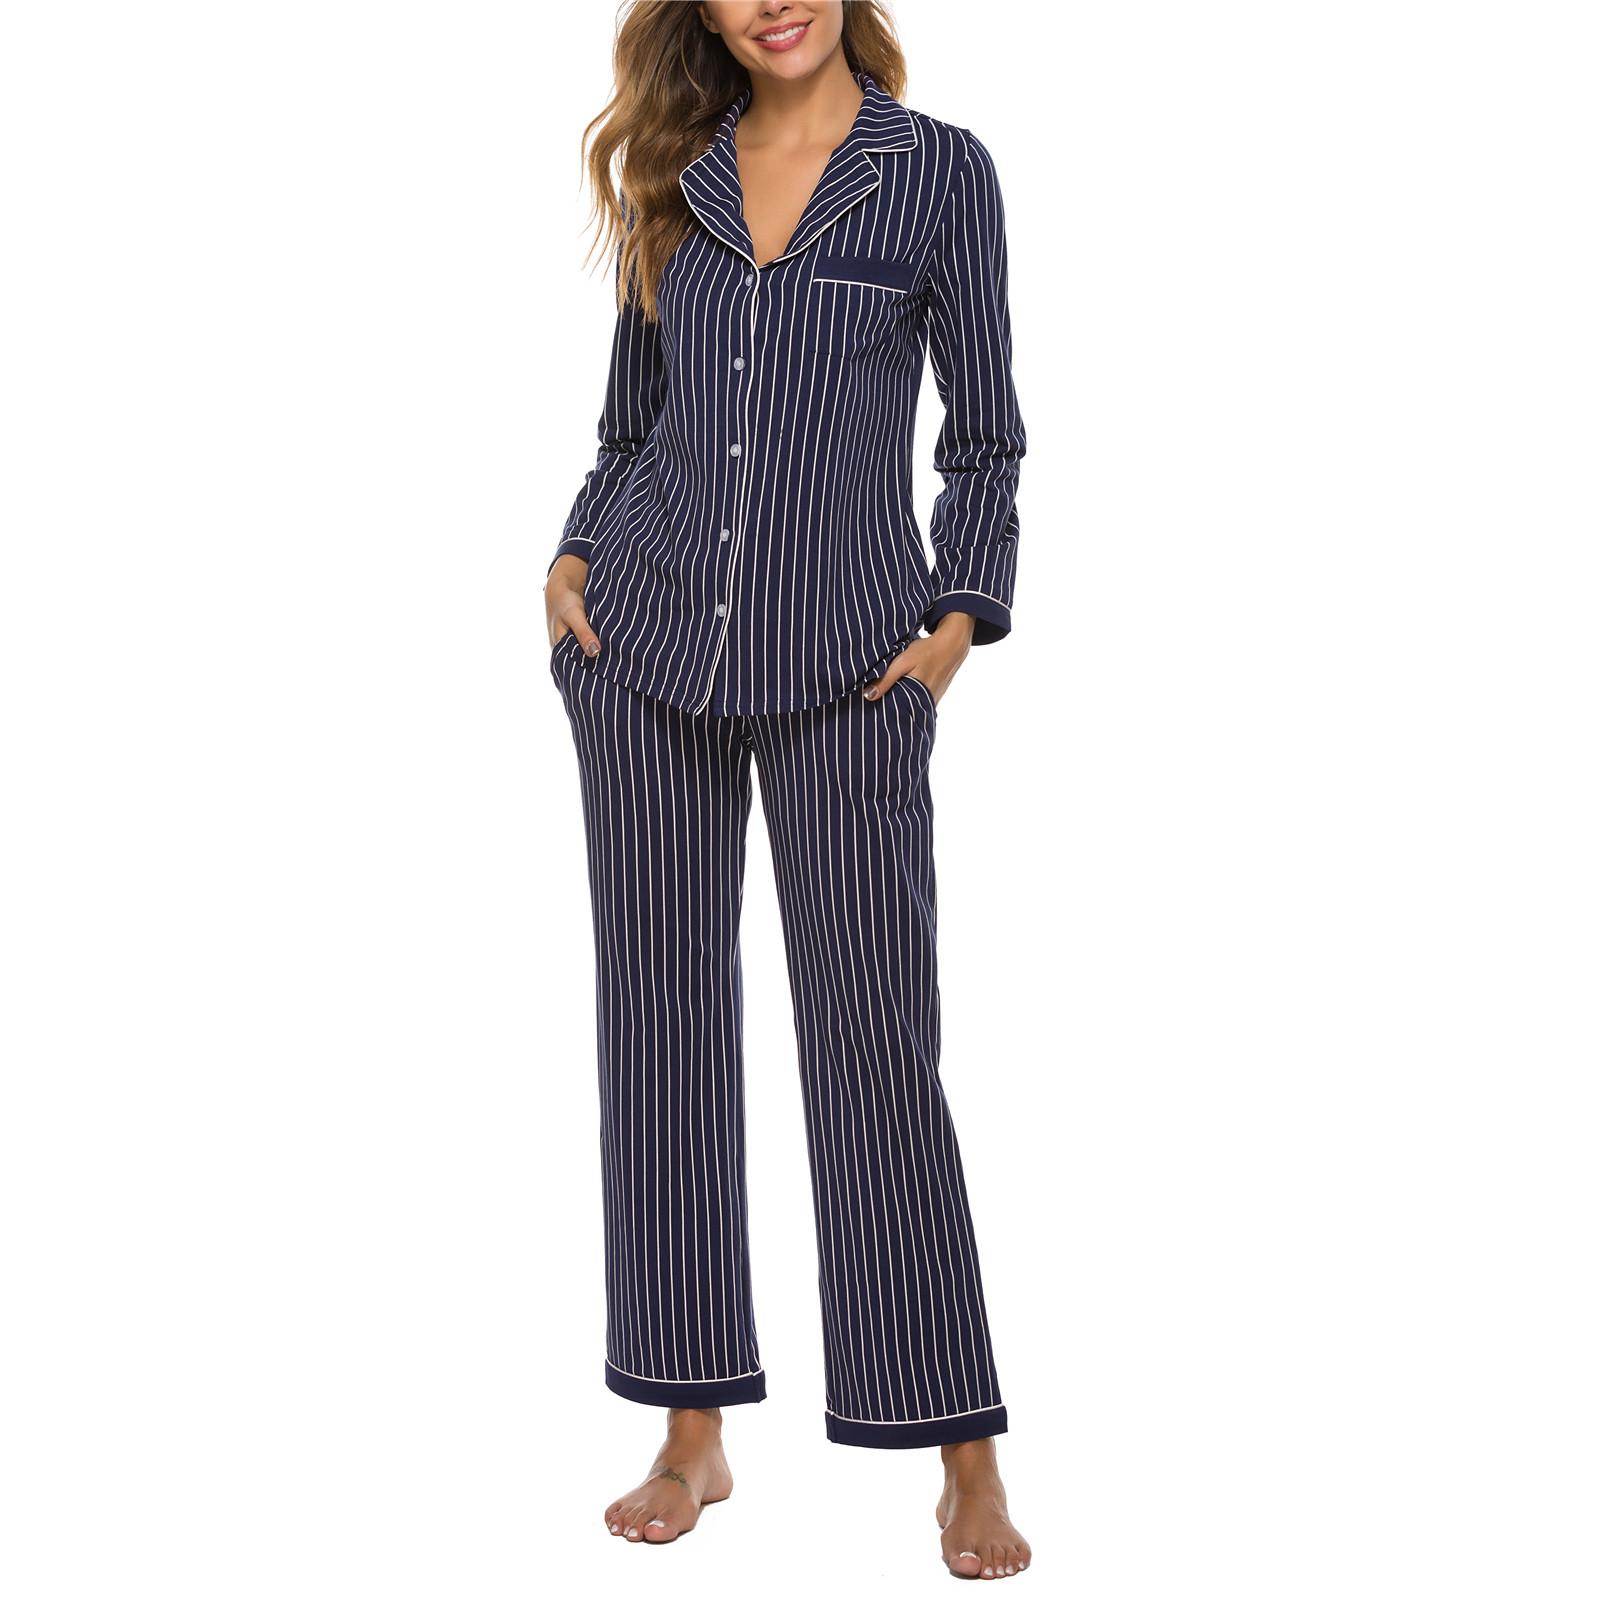 Women Pajamas Set 2 Piece Long Sleeve Sleepwear Button Down Nightwear Soft Pjs